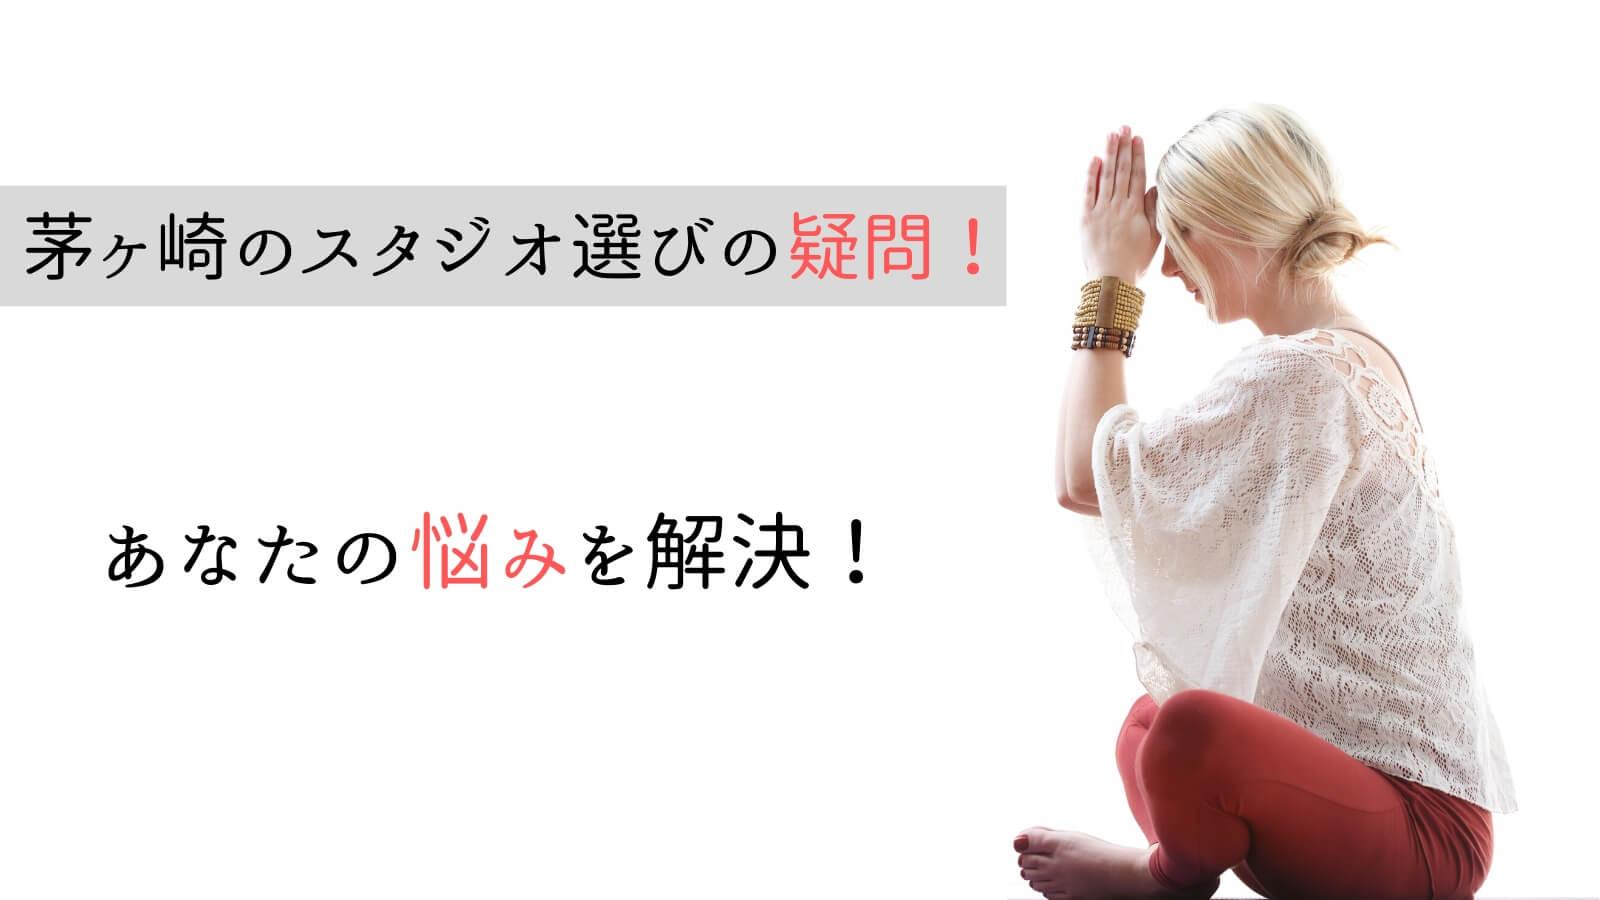 編集者が茅ヶ崎市でおすすめのヨガ・ピラティススタジオはどこですか?